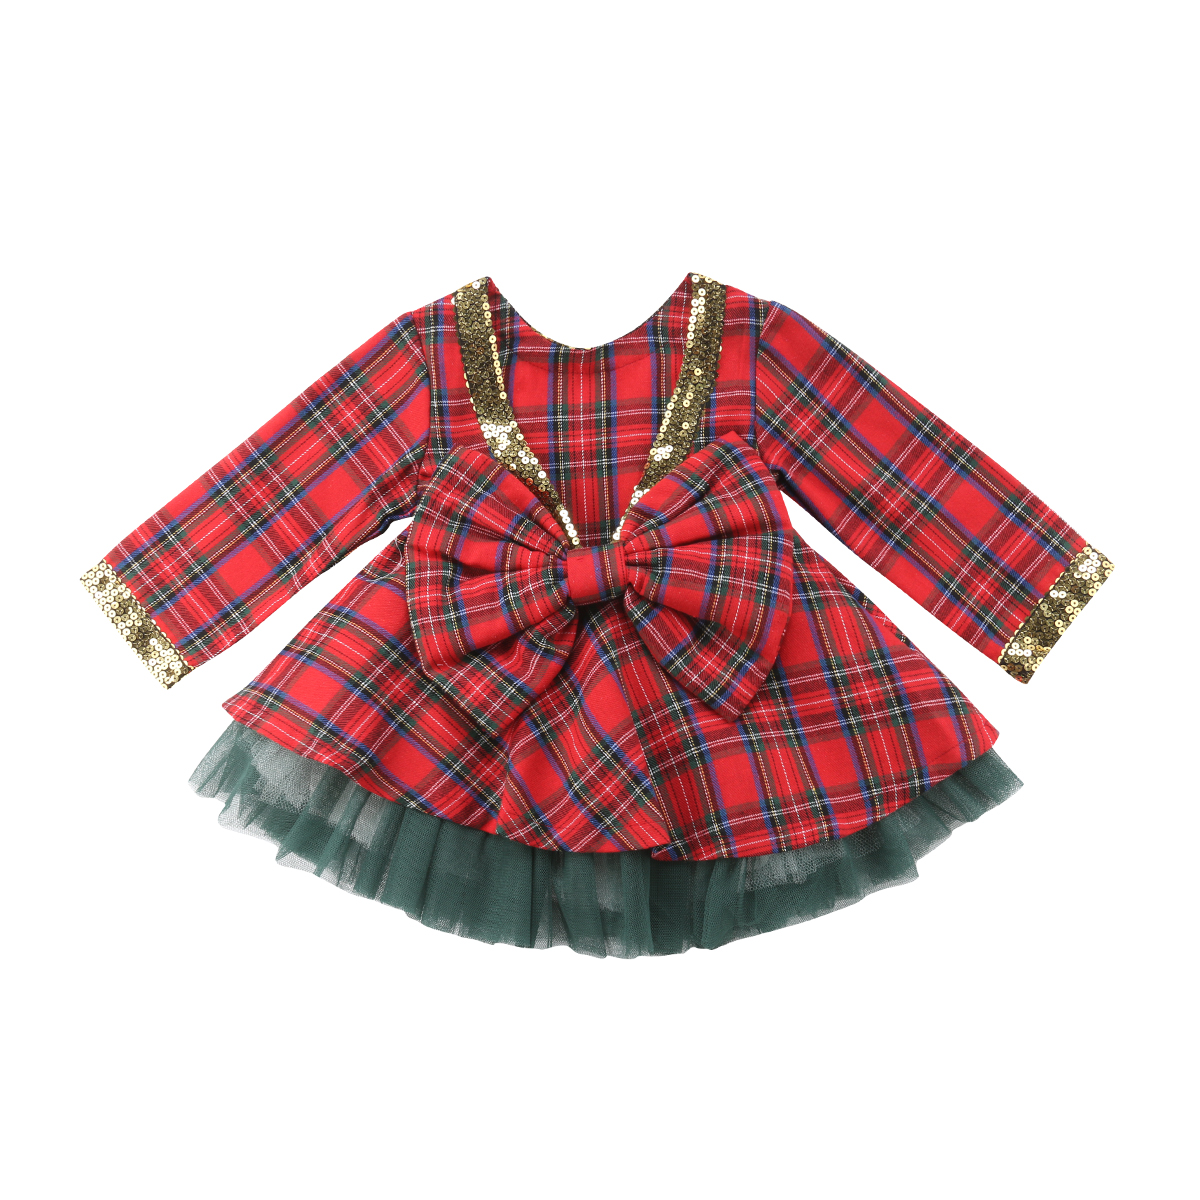 Kid Mädchen Plaid Tutu Bogen Backless Kleid 2 stücke Party Outfits Set Kleidung Weihnachten Kinder Baby Mädchen Kleidung Niedliche Prinzessin 1-6 t